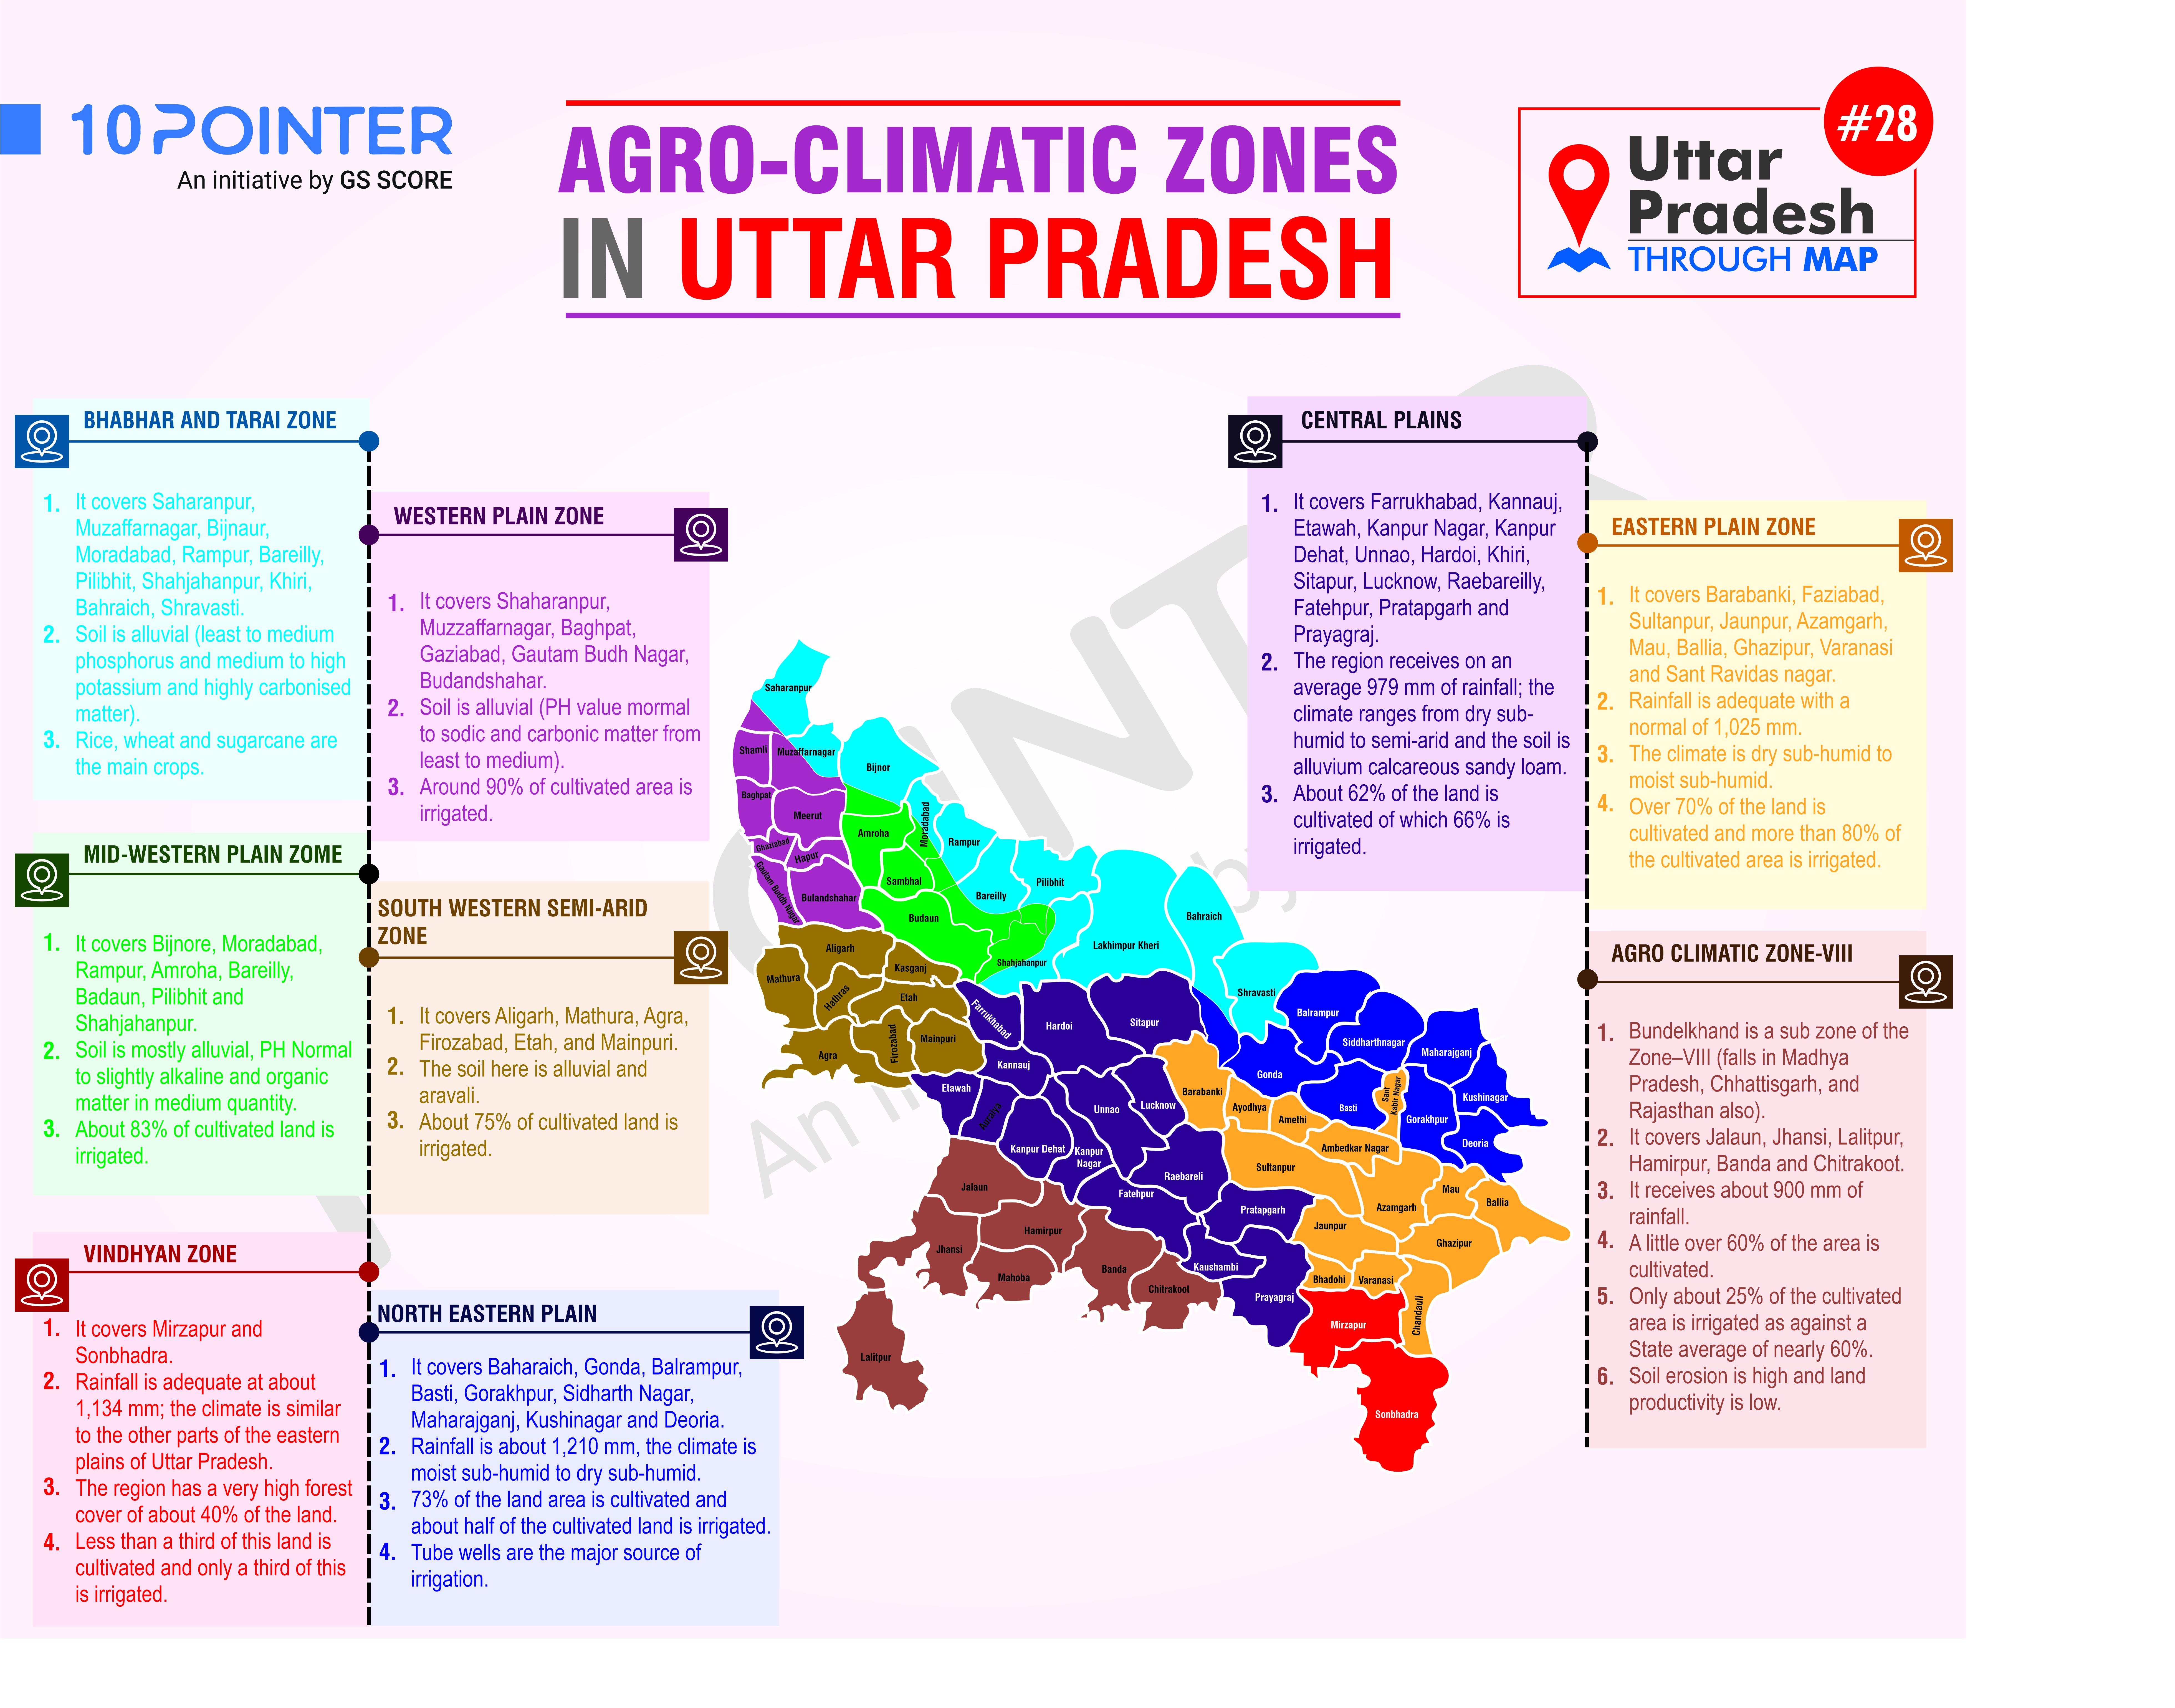 Agro-Climatic Zones in Utter Pradesh